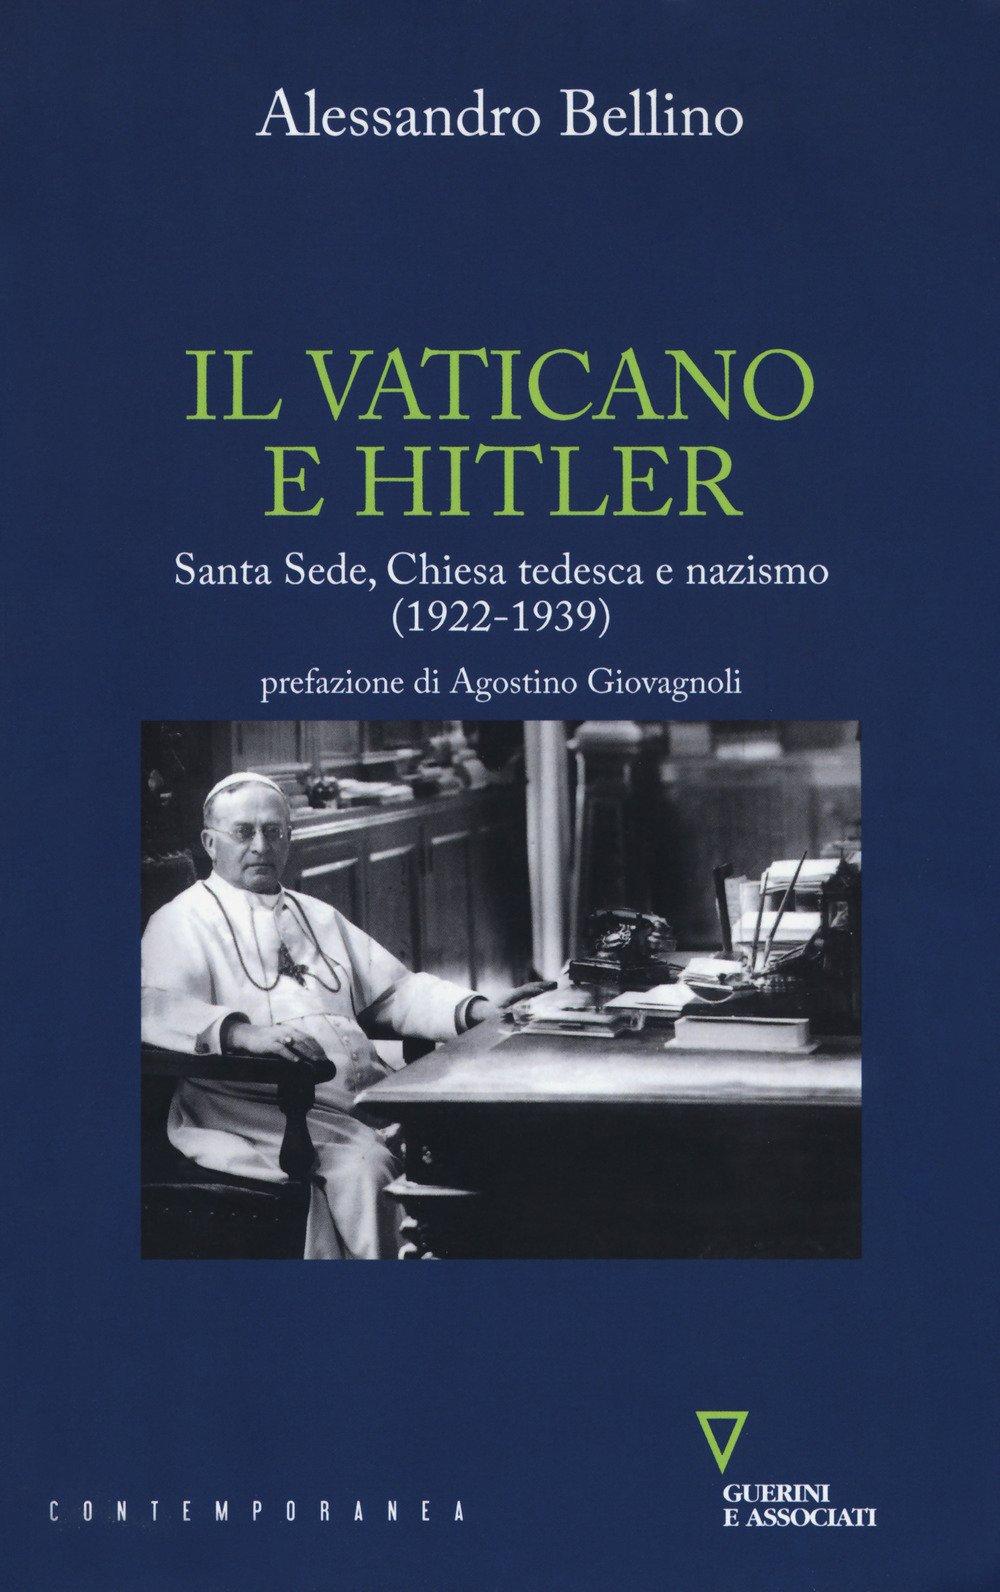 Il Vaticano e Hitler. Santa Sede, Chiesa tedesca e nazismo (1922-1939)